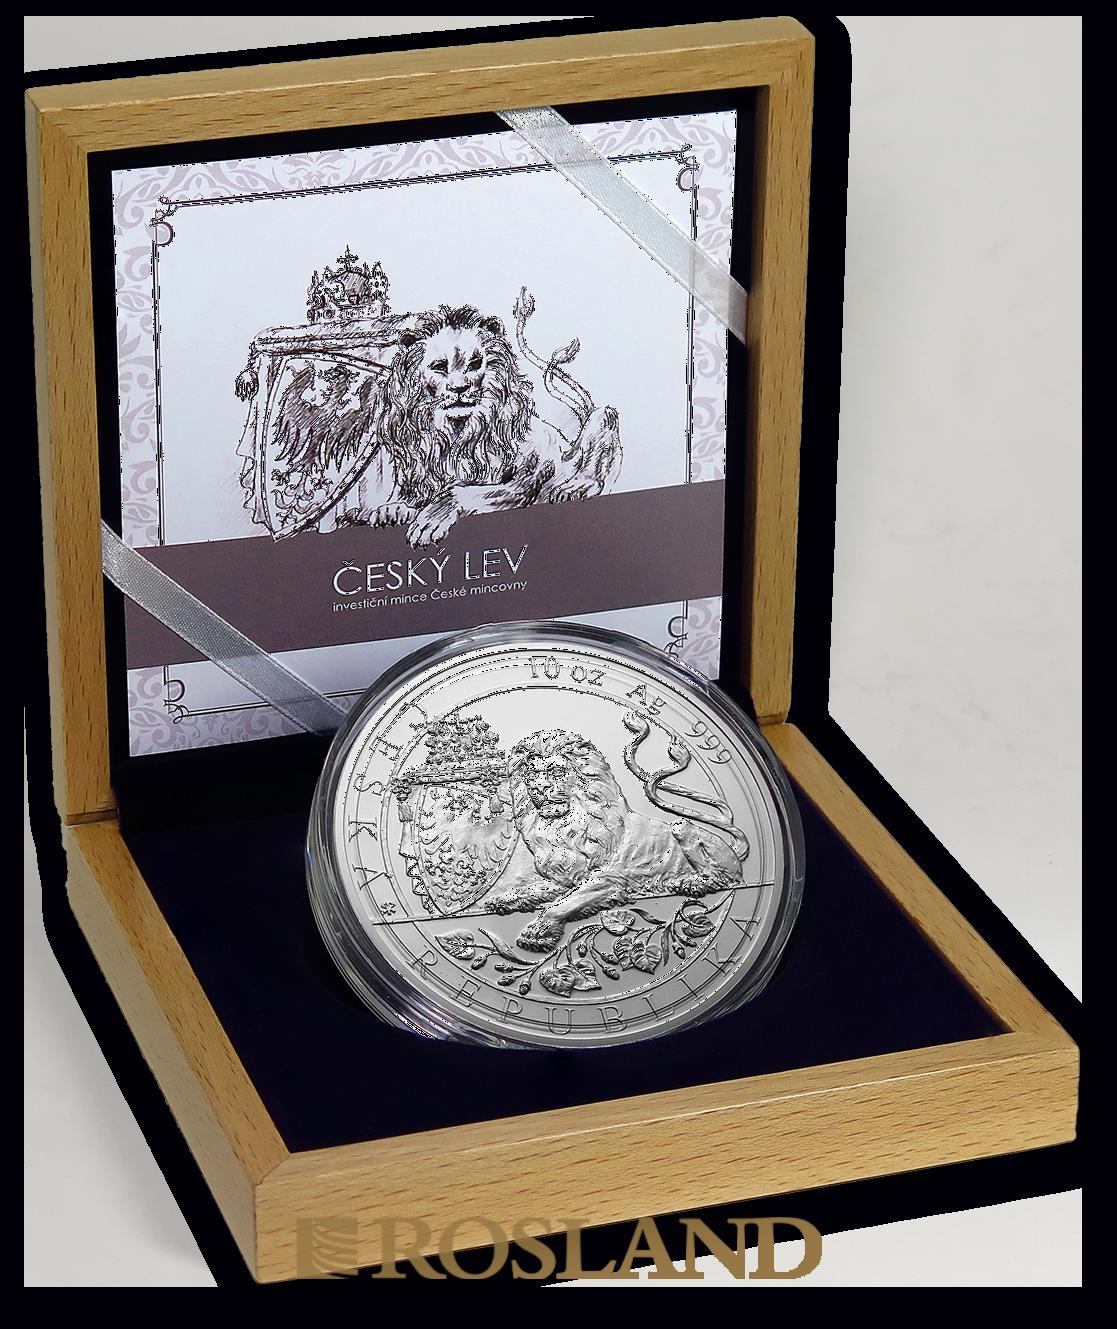 10 Unzen Silbermünze Tschechischer Löwe 2019